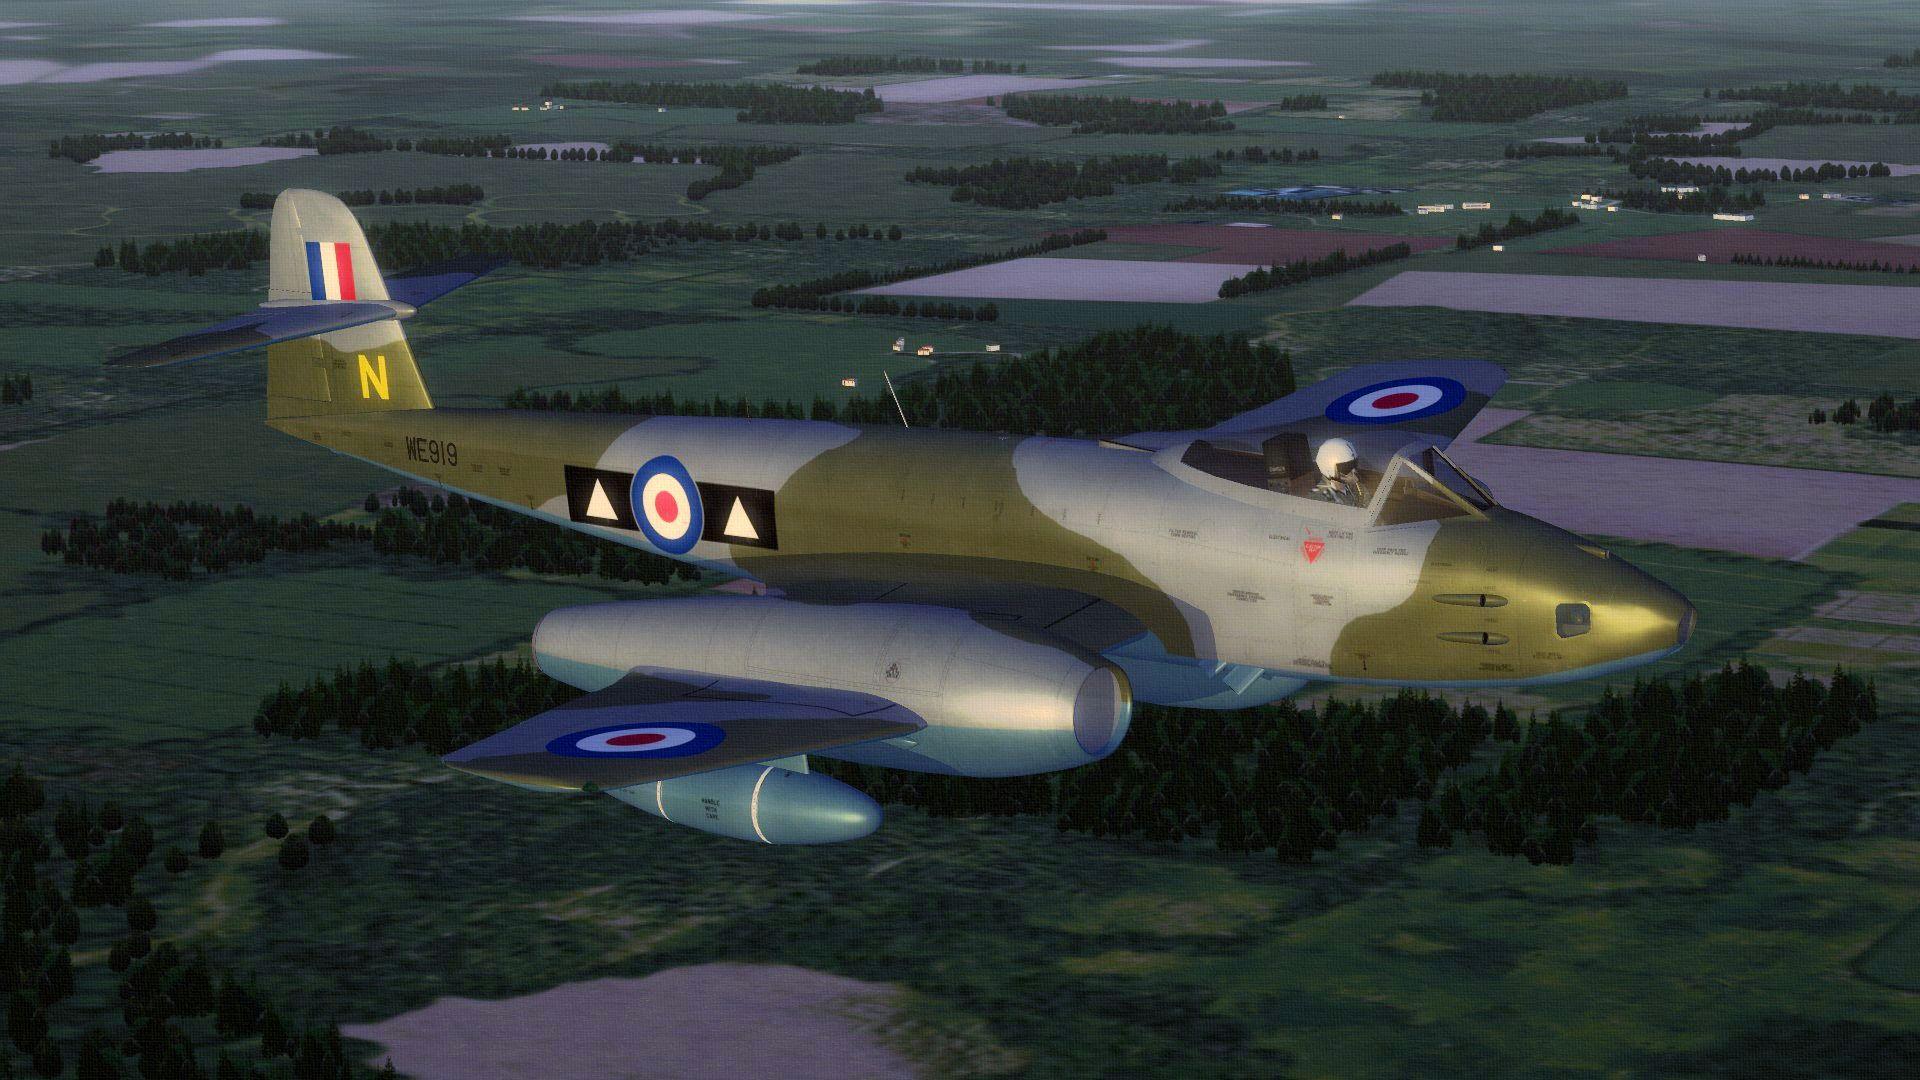 RAF%20METEOR%20FR9.01_zps73gblirh.jpg